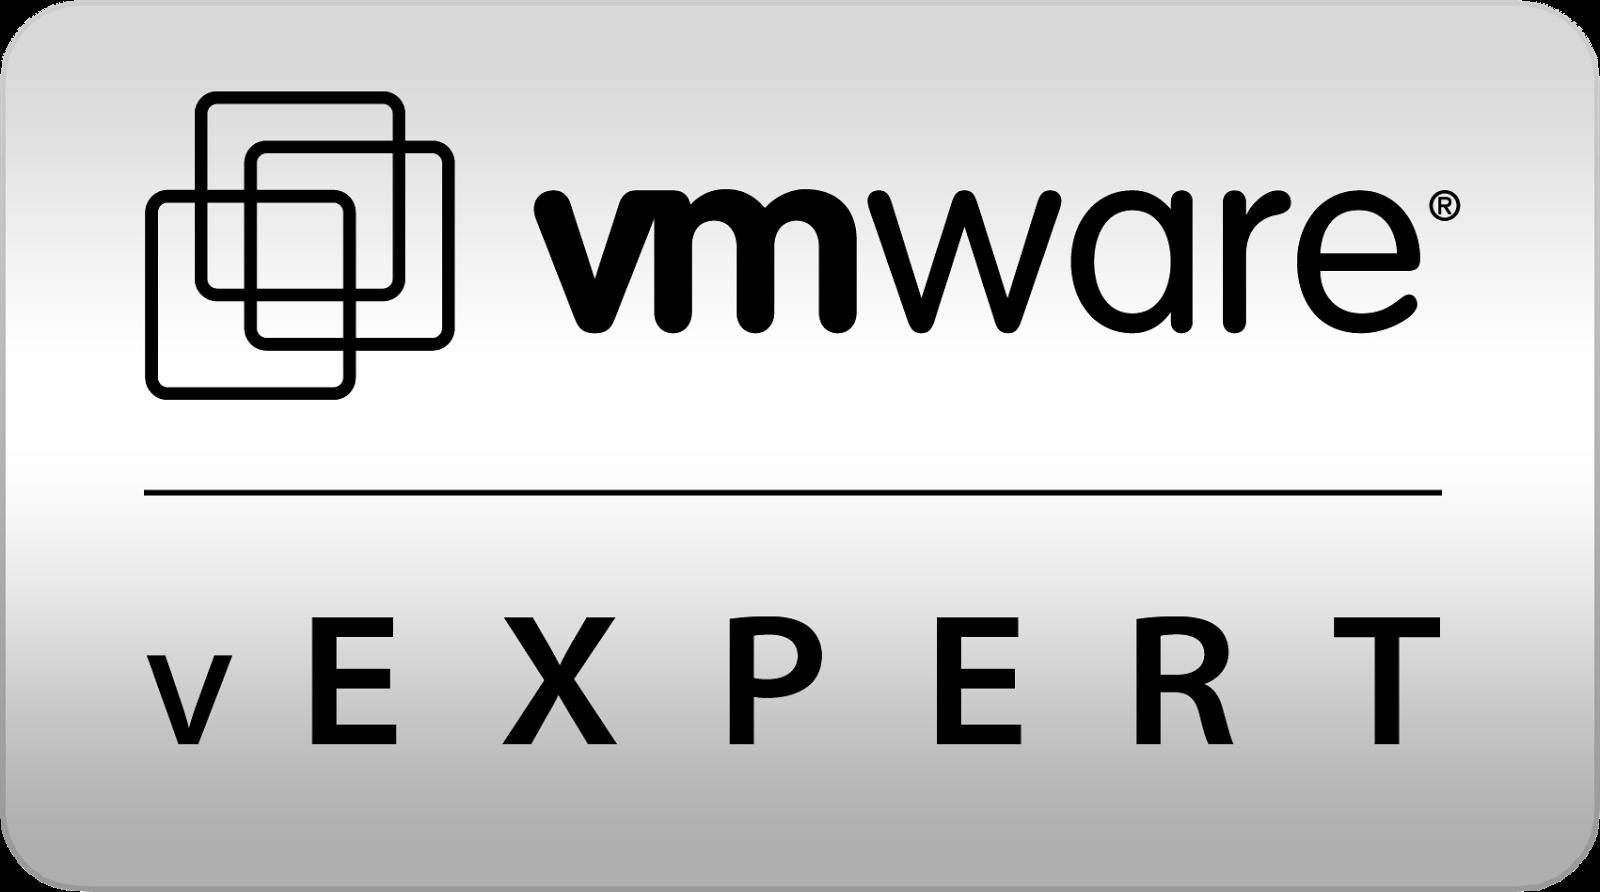 vExpert 2016 Award